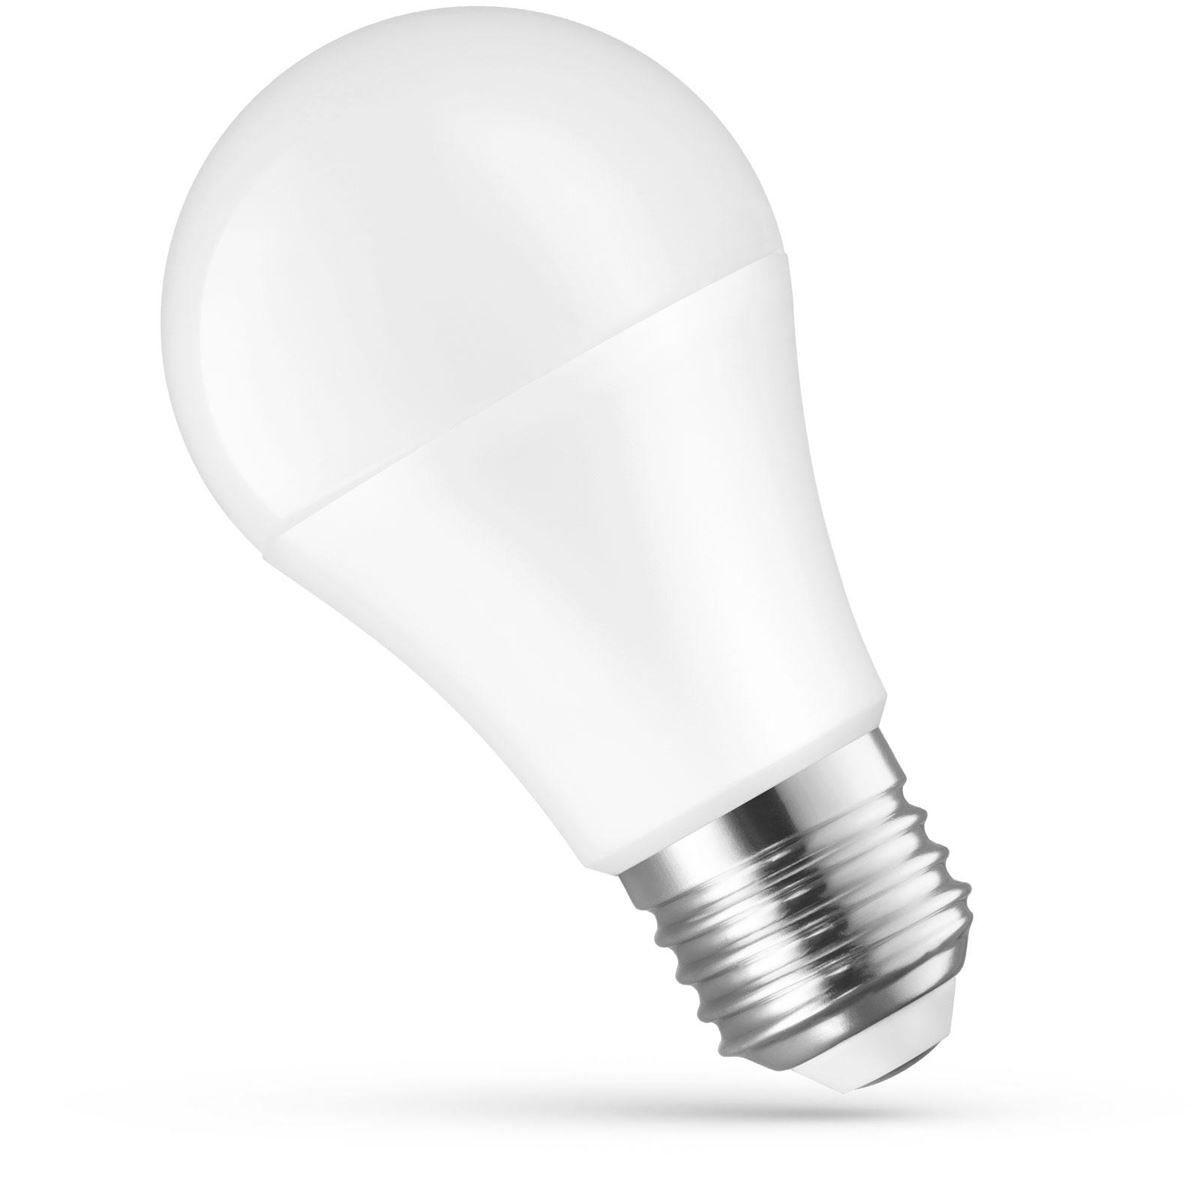 Smart Λάμπα LED Spectrum E27 9W 930 Lumens RGB WiFi 230V 50Hz A++